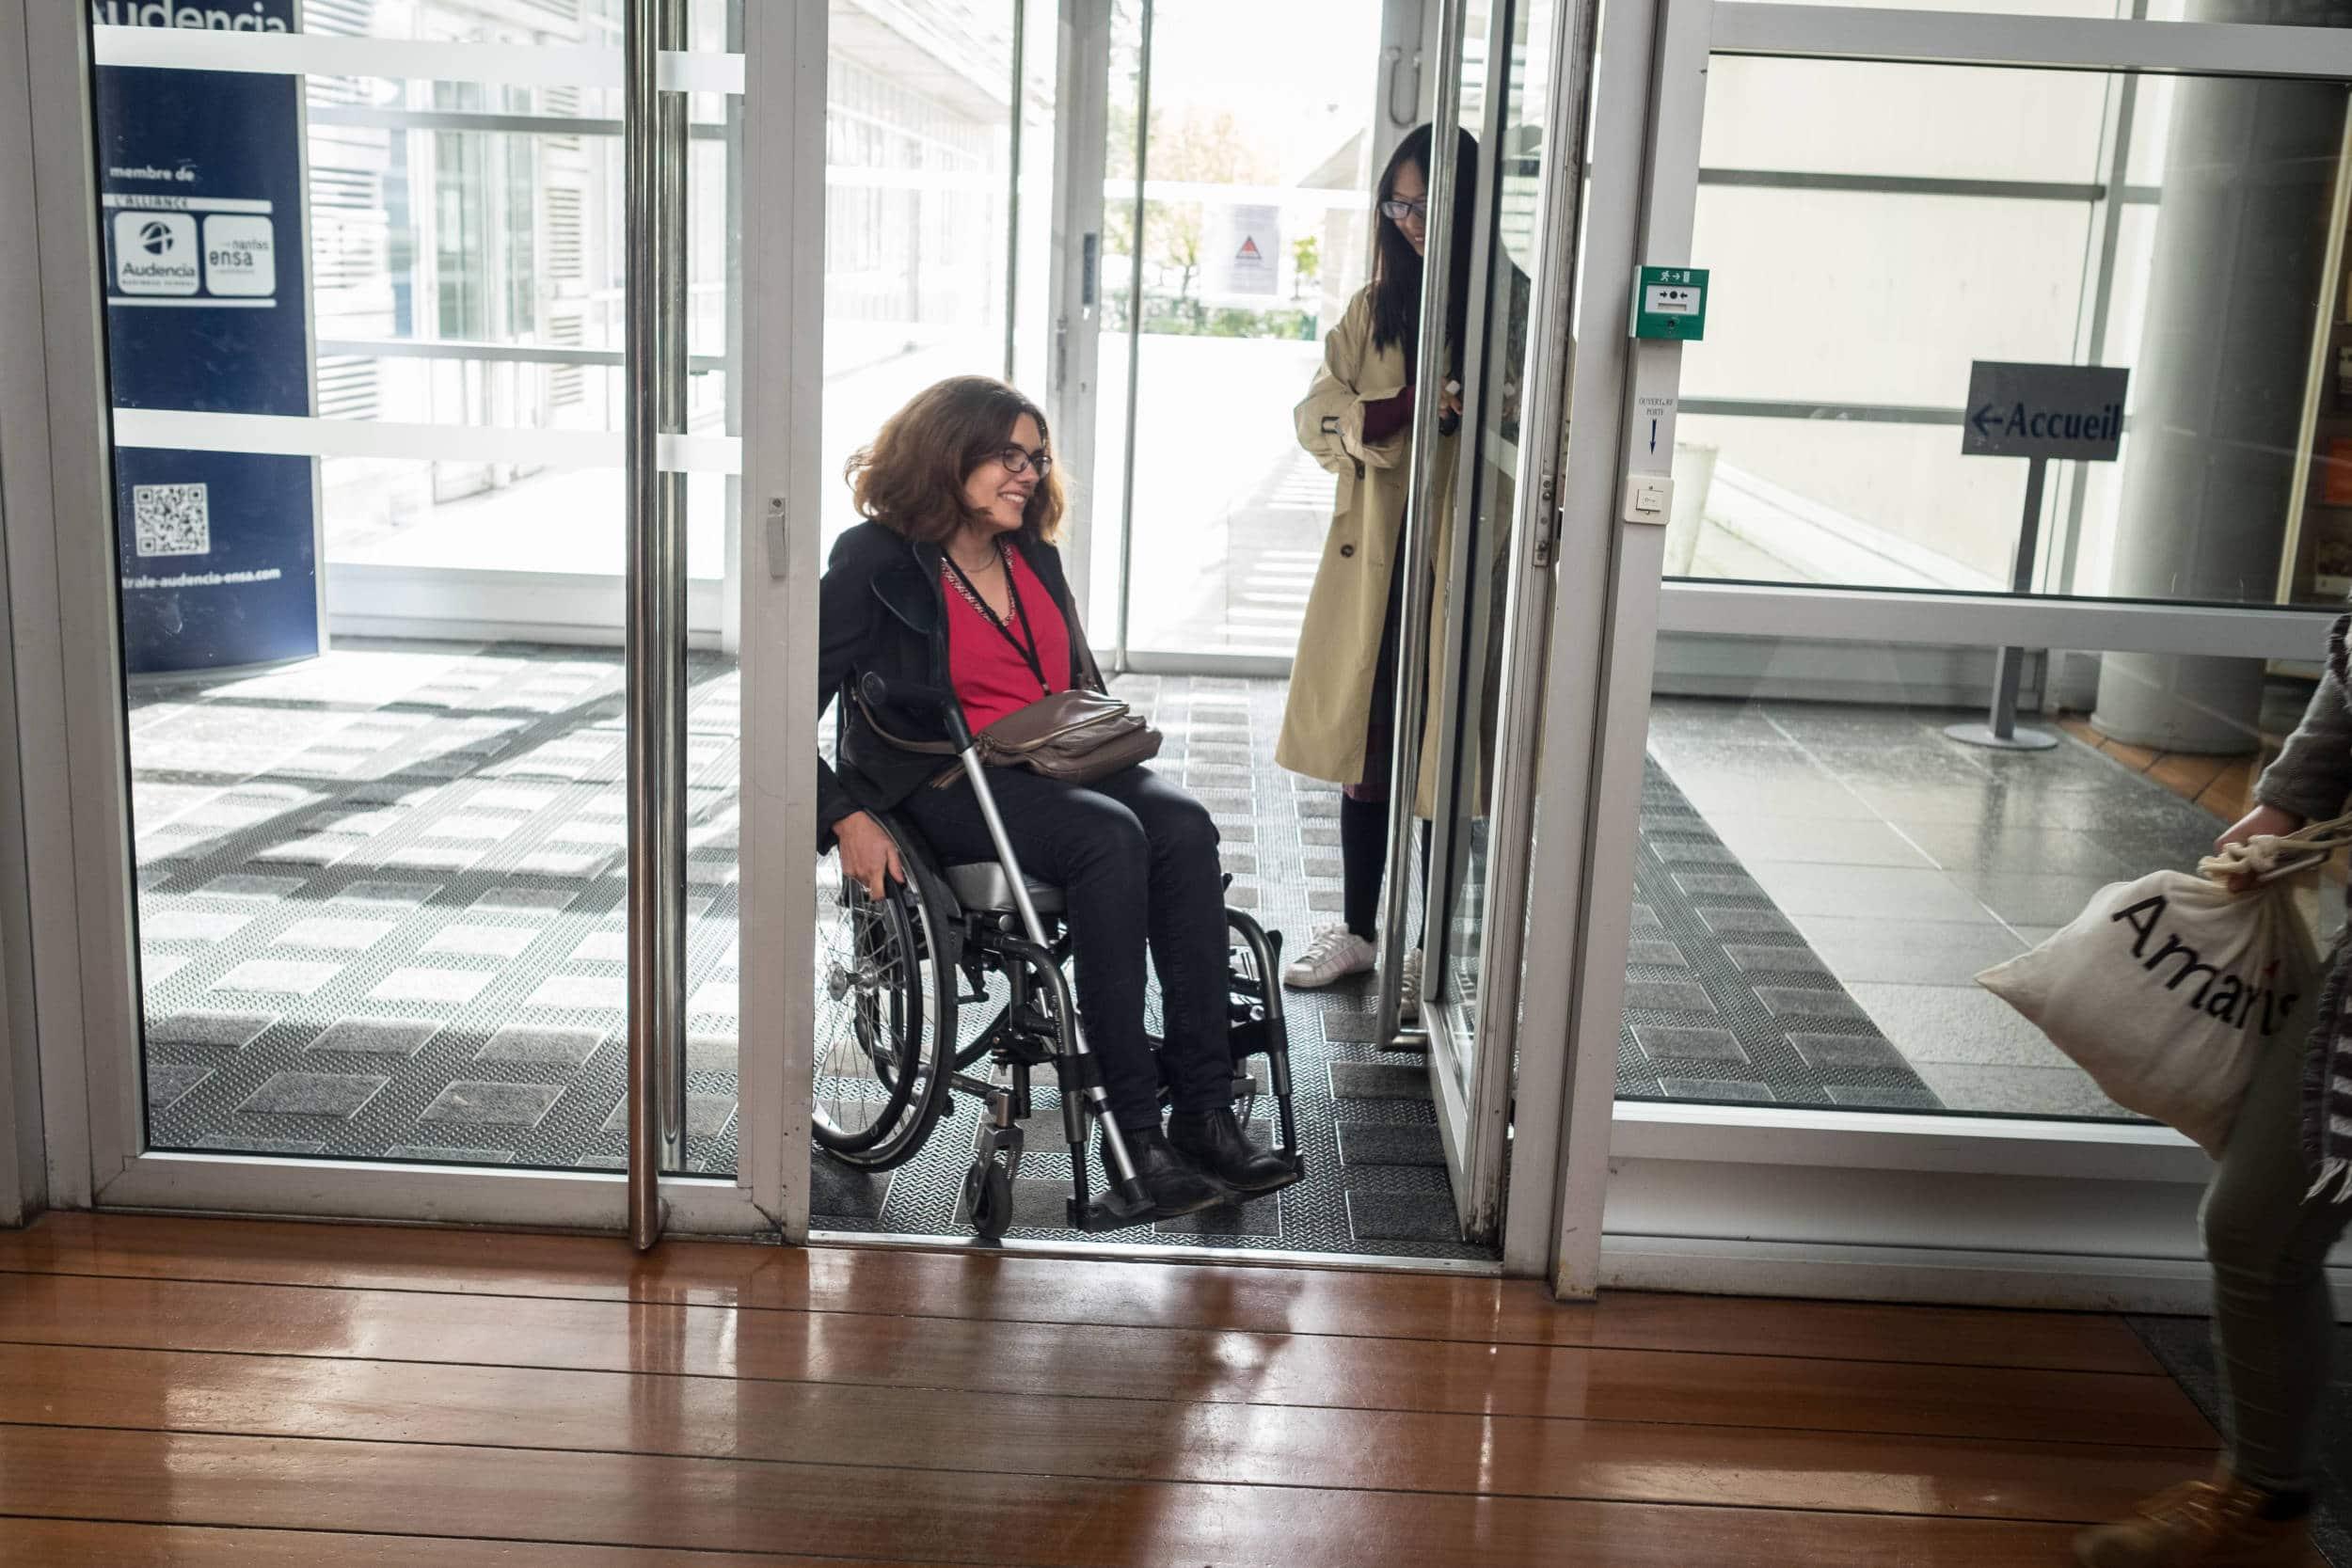 Delphine, souriante, passe une porte en fauteuil roulant.